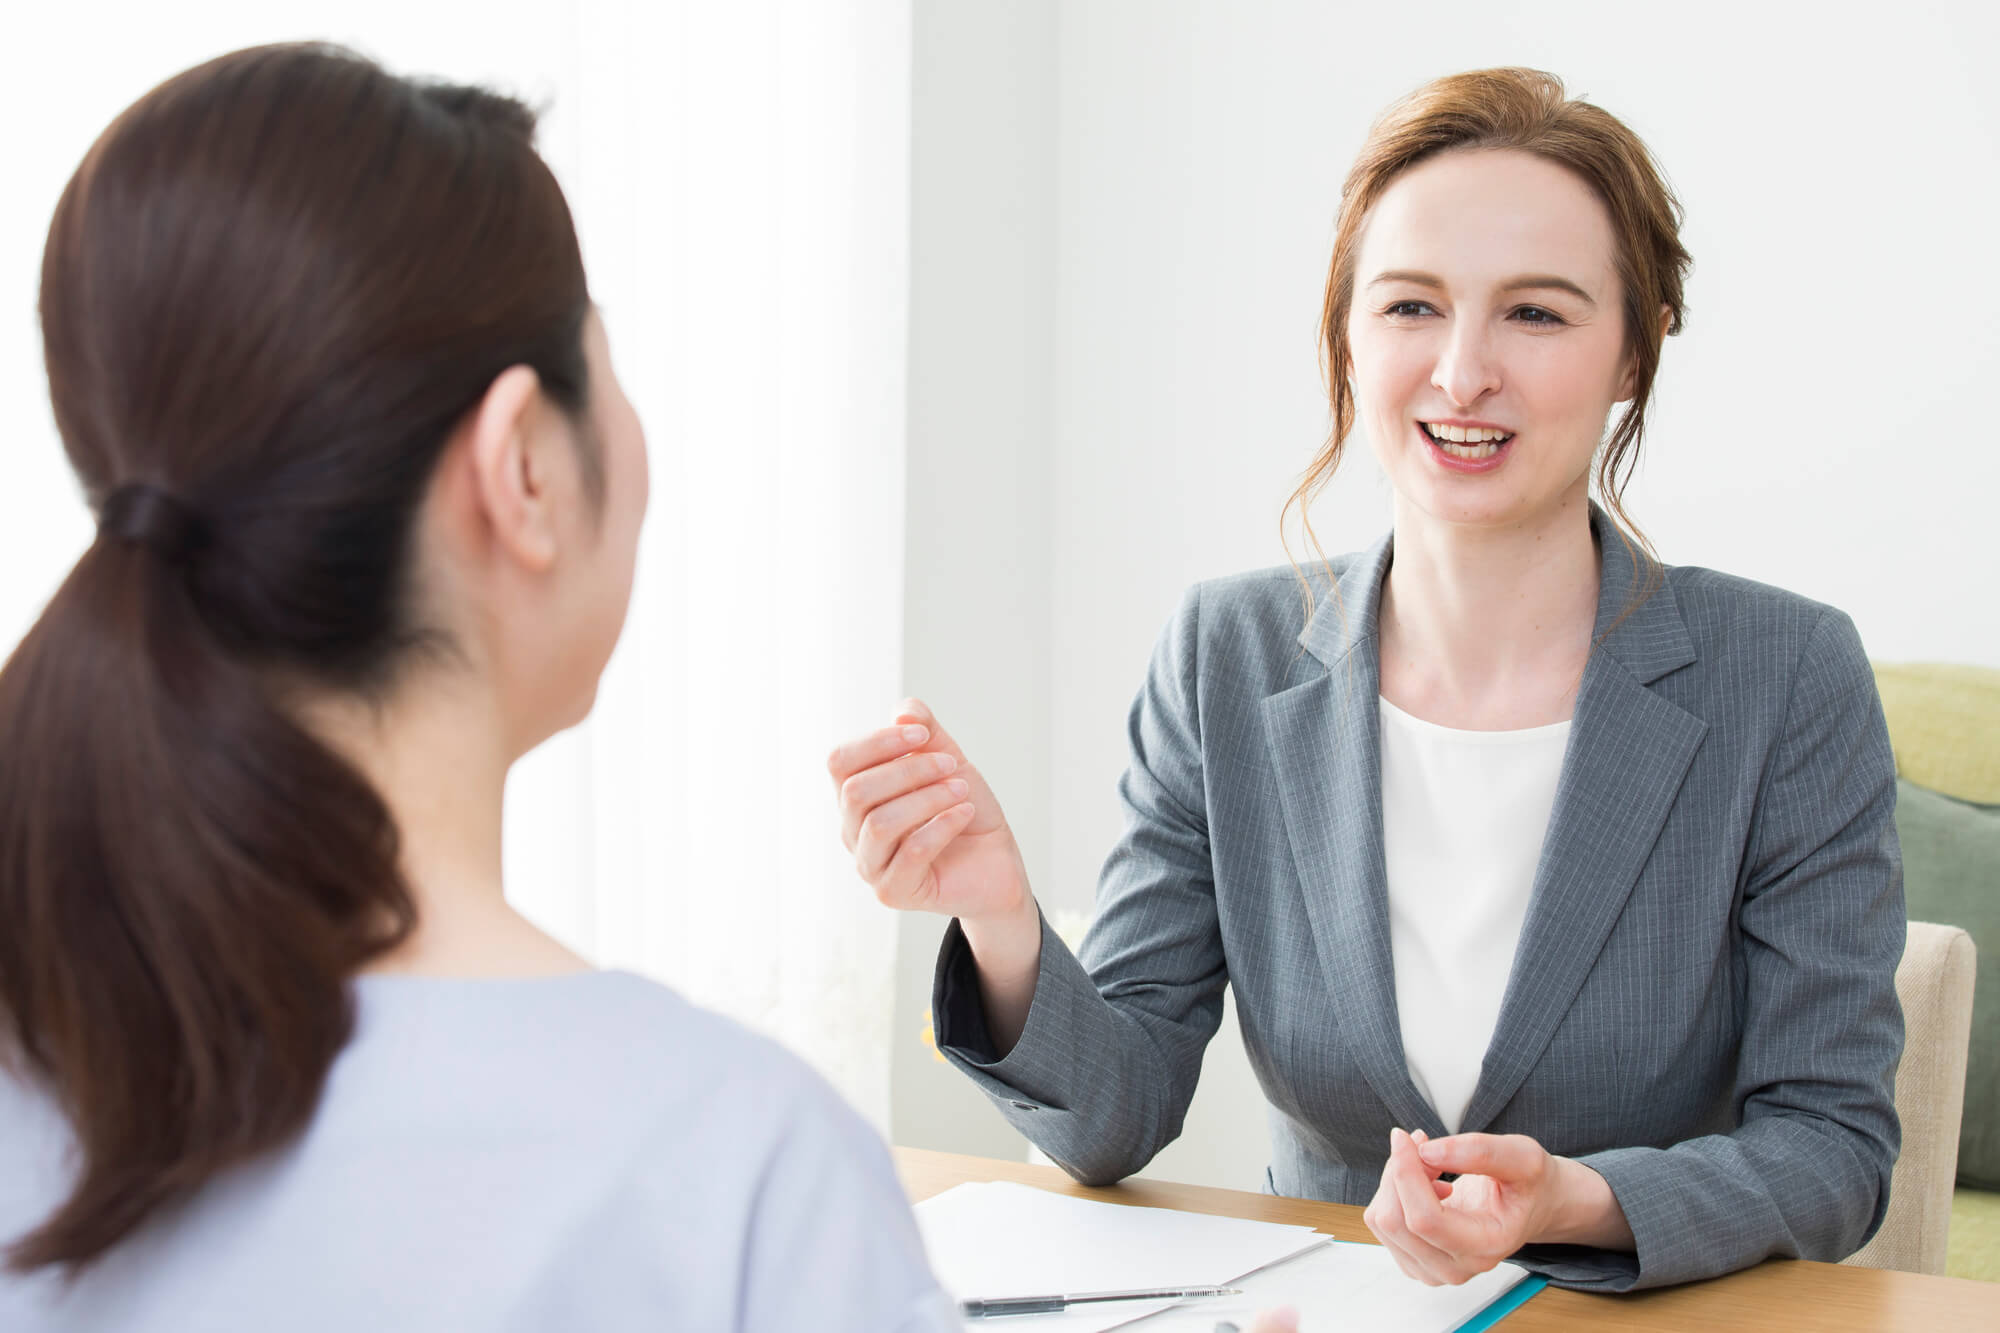 クライアントの相談を親身に聞いている外国人女性カウンセラー